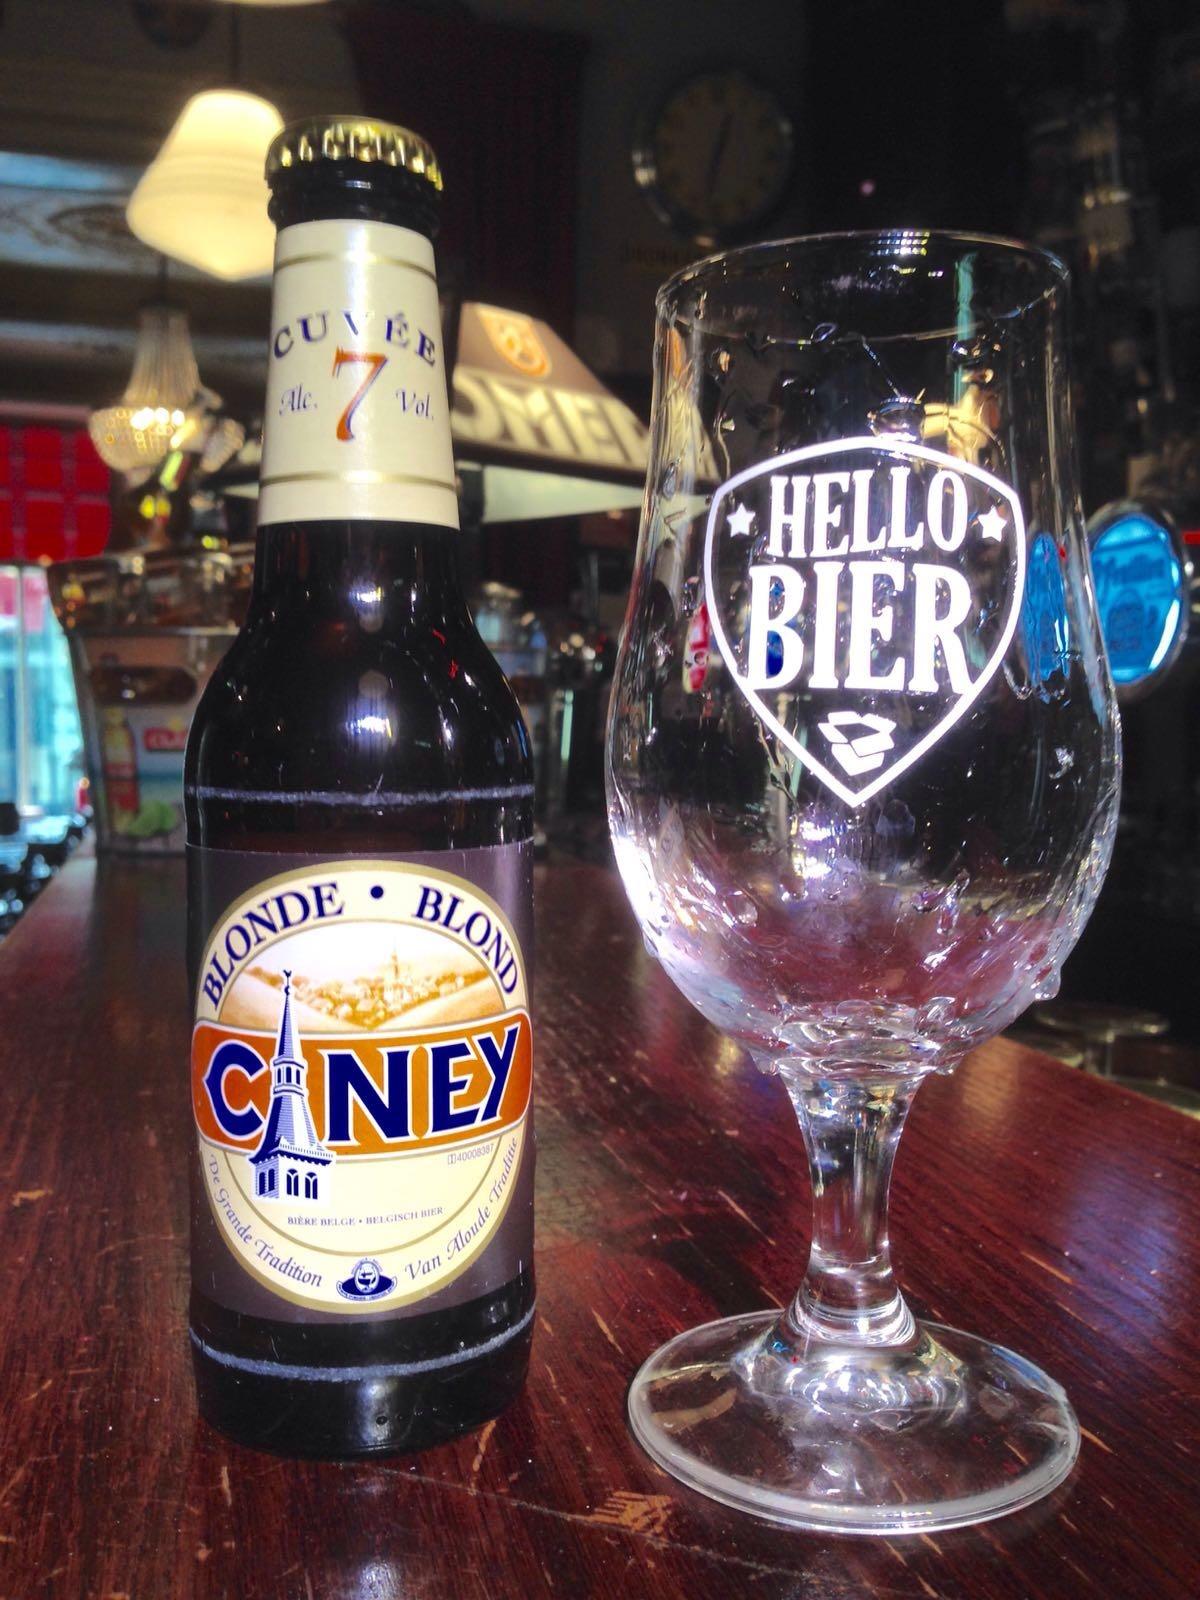 Ciney Blond Herkomst: Waarloos, België De kleur van goud en de geur van koper is een ijzersterke beschrijving van dit bier. Licht zuurtje is hier van toepassing in zowel de smaak als geur. Door blind te proeven met gesloten ogen herkennen wij wilde spinazie. Dit hopbitter blondje komt van de Alken-Maes groep. Het bier bevat een alcoholpercentage van 7%. Advies serveertemperatuur: 5 à 7 graden